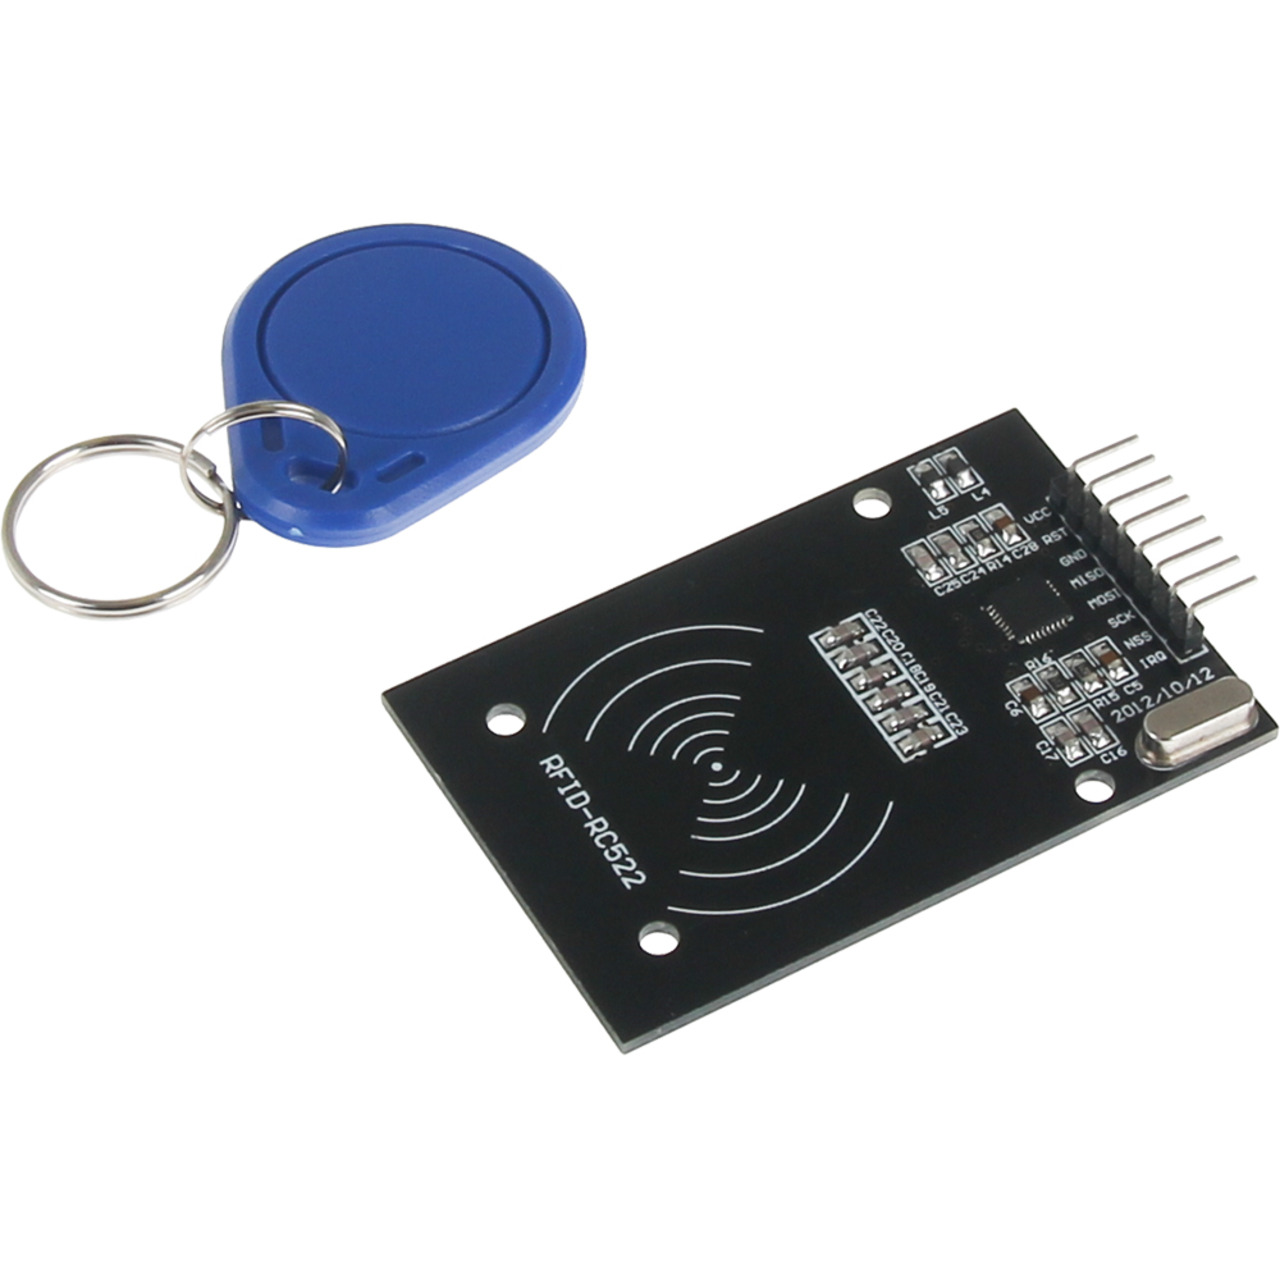 JOY-iT RFID Modul basierend auf NXP MFRC-522- für Raspberry Pi und Arduino